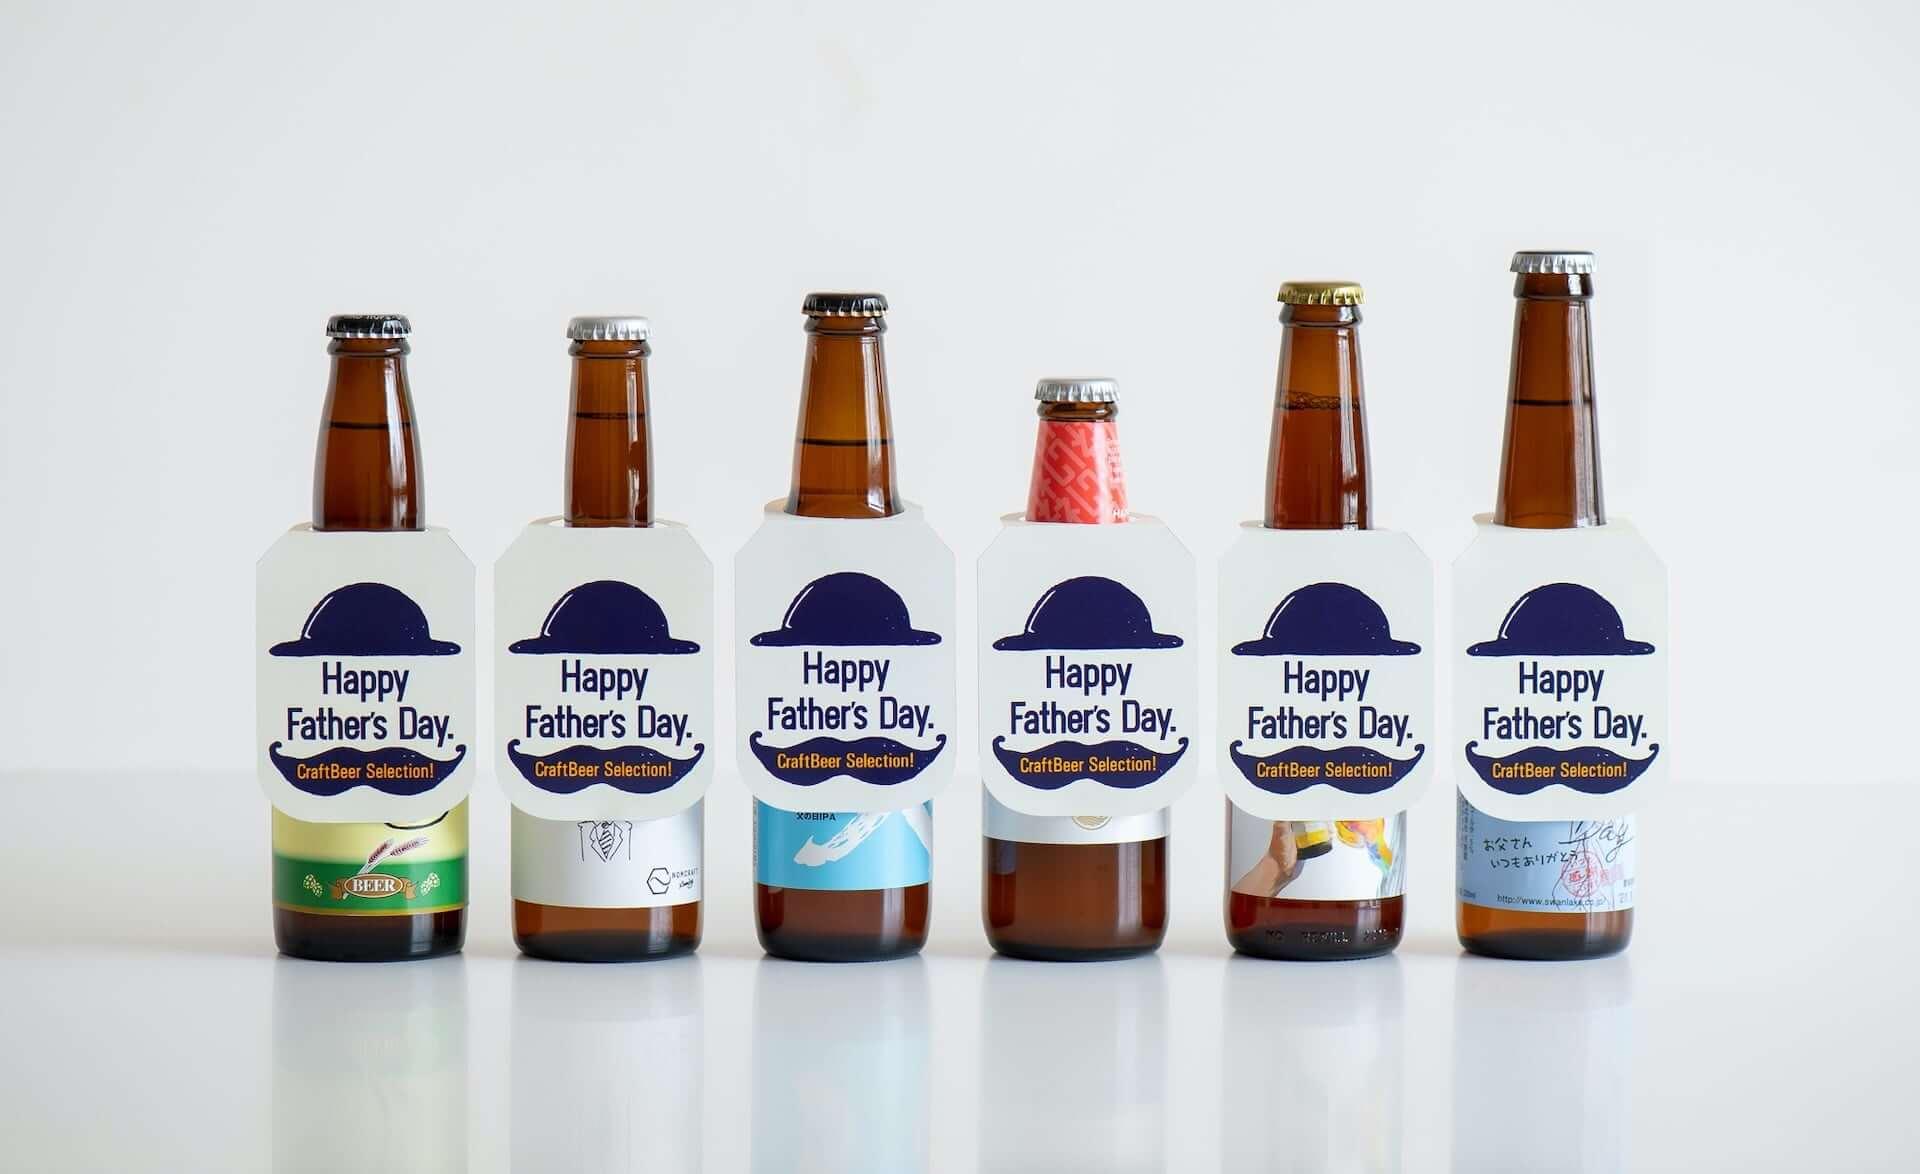 700種類から厳選された『父の日限定クラフトビールセット』が125セット限定で登場!もう1セット届くキャンペーンも実施 gourmet200605_fathersdaygift_beer_04-1920x1174